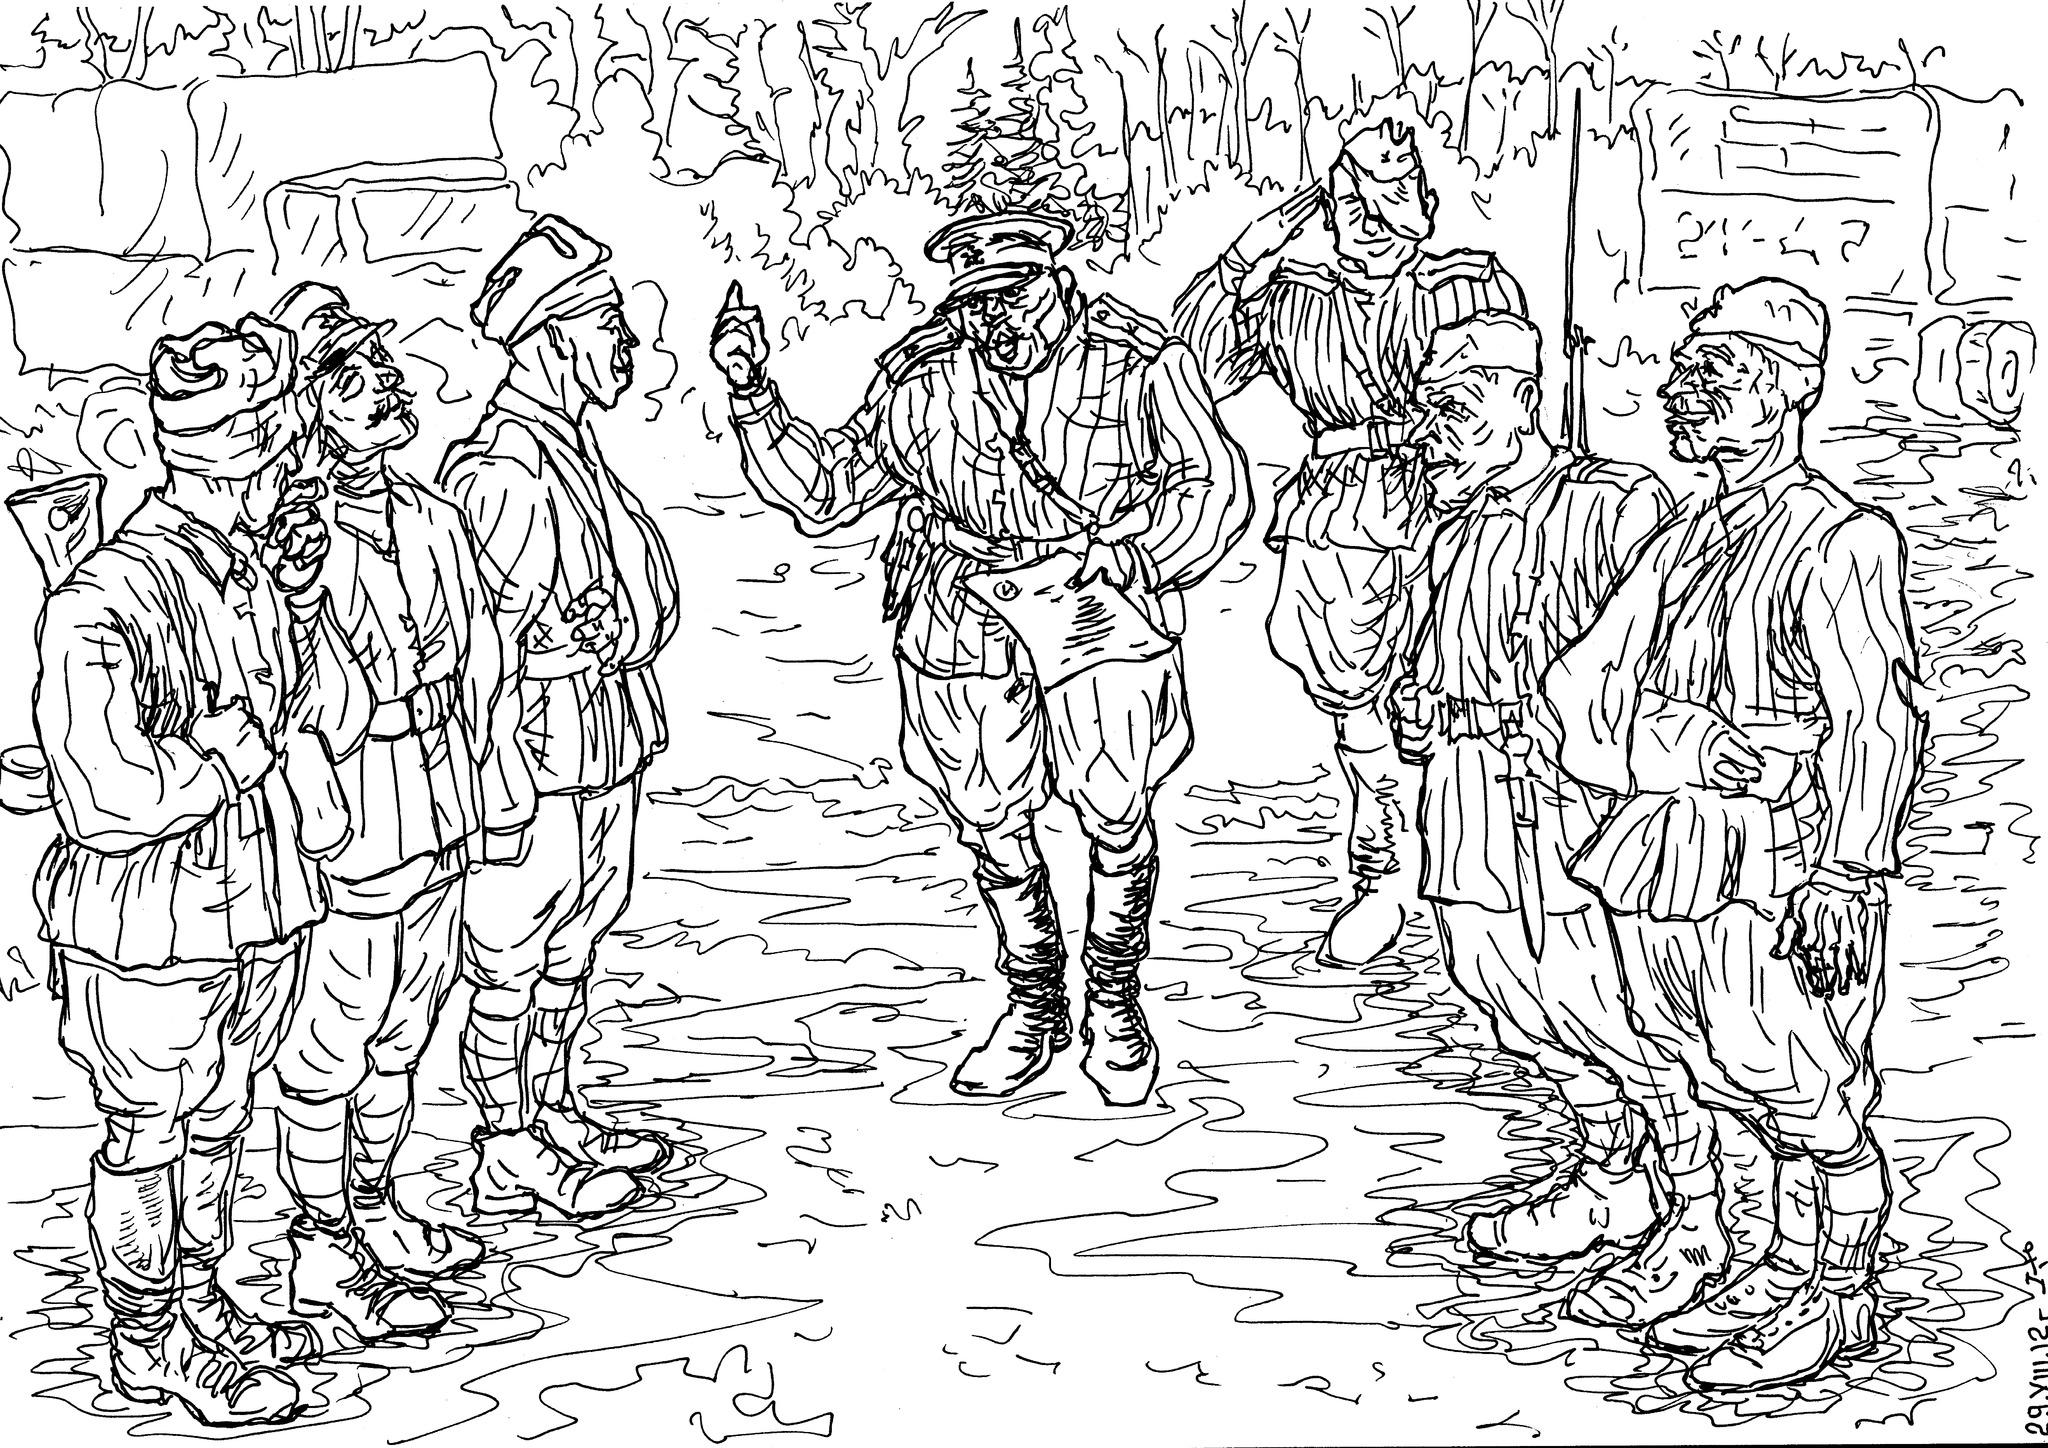 Читка приказа об освобождении из штрафной роты (батальона)